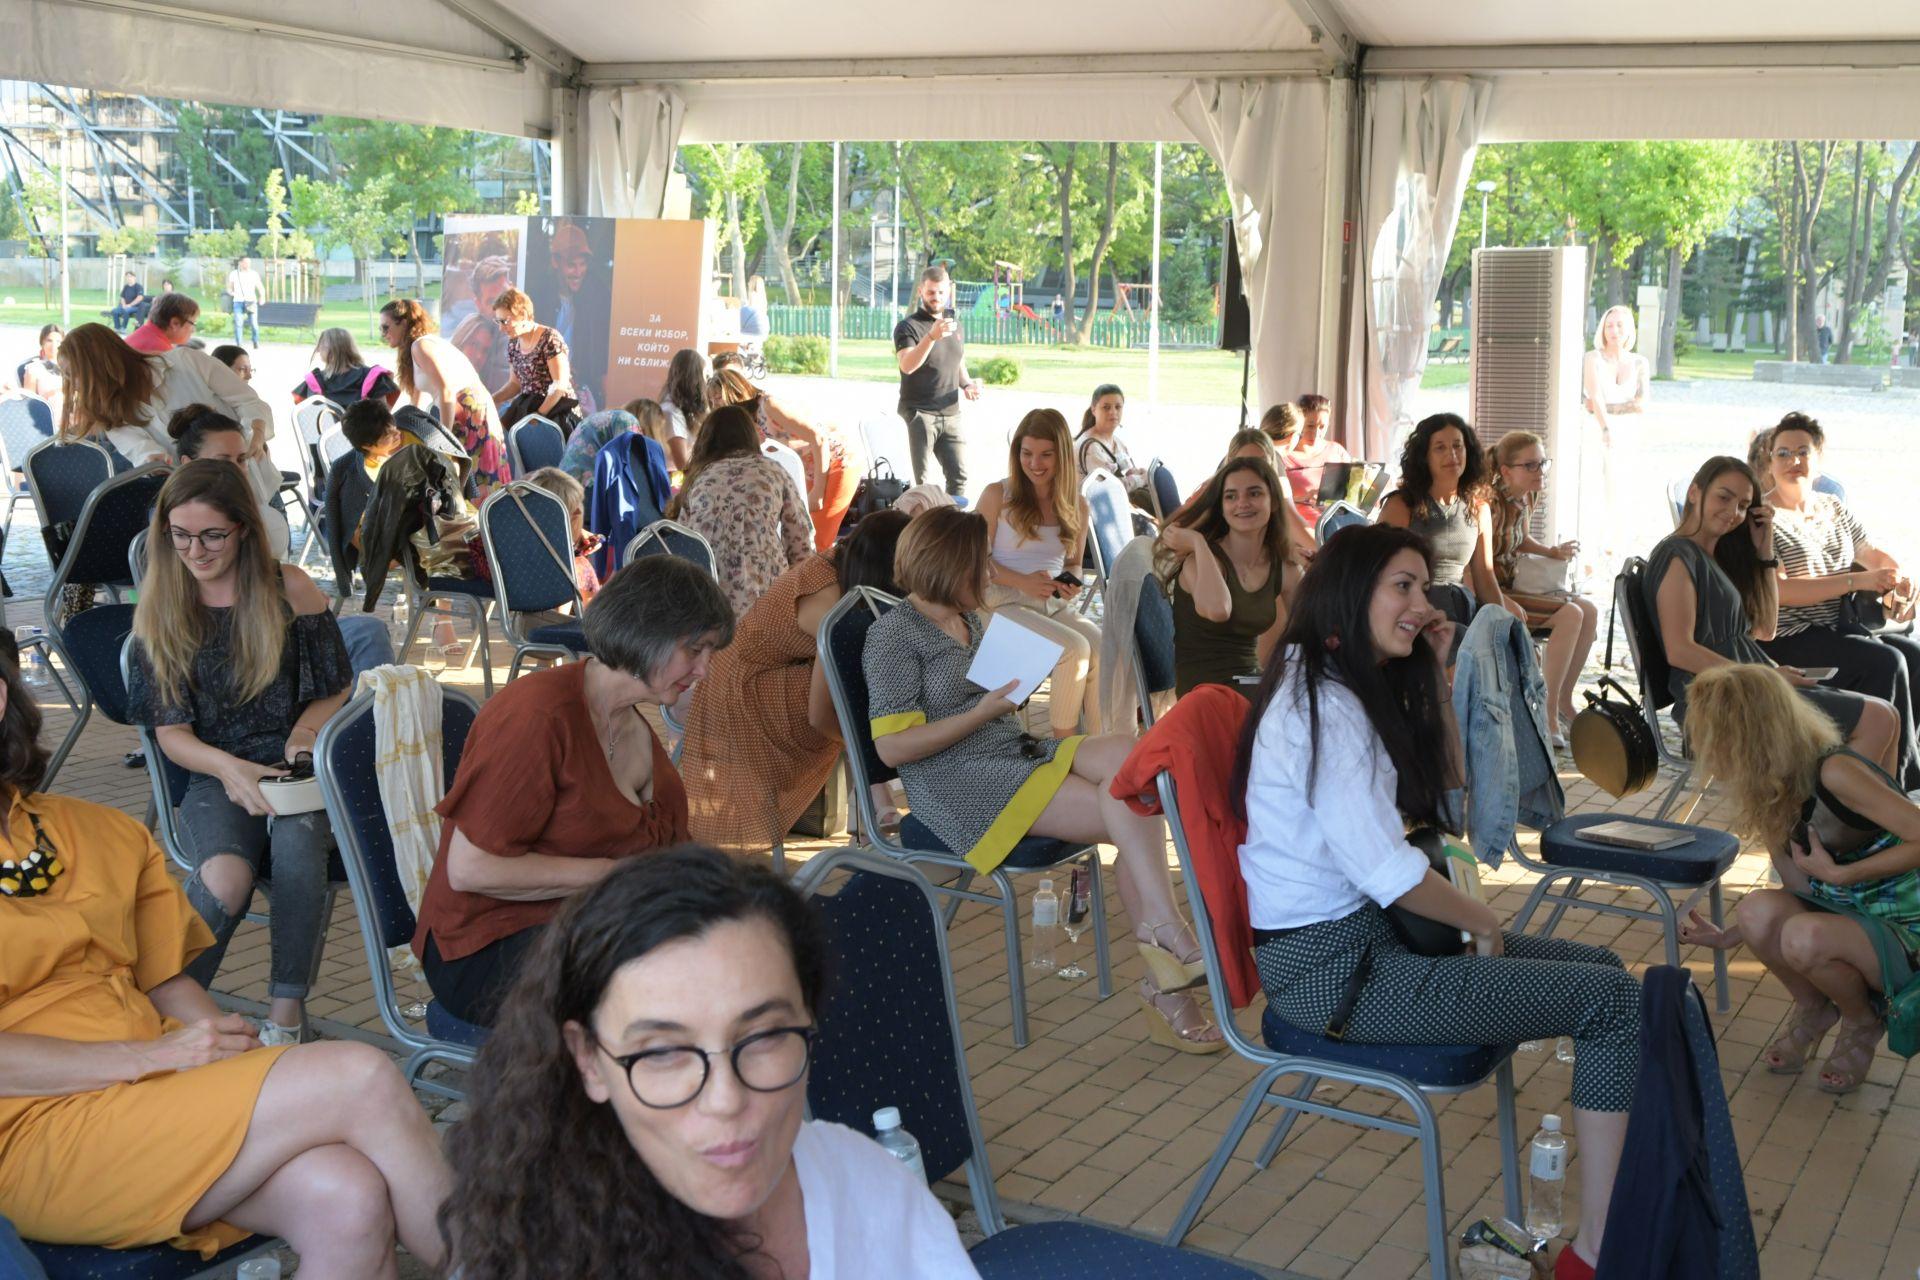 Въпреки протестите и пандемията и при спазени мерки за социална дистанция, събитието се състоя в София Тех Парк